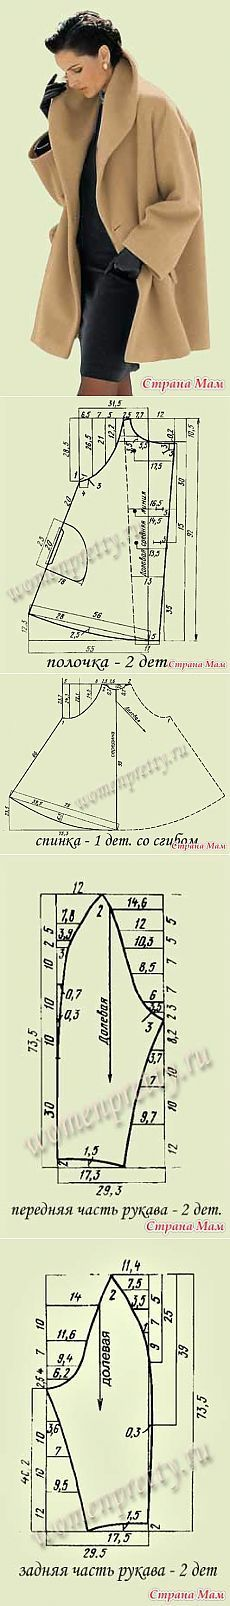 7915dc3eda6ad8e3c4a0a03505395f1d.jpg (230×1606)